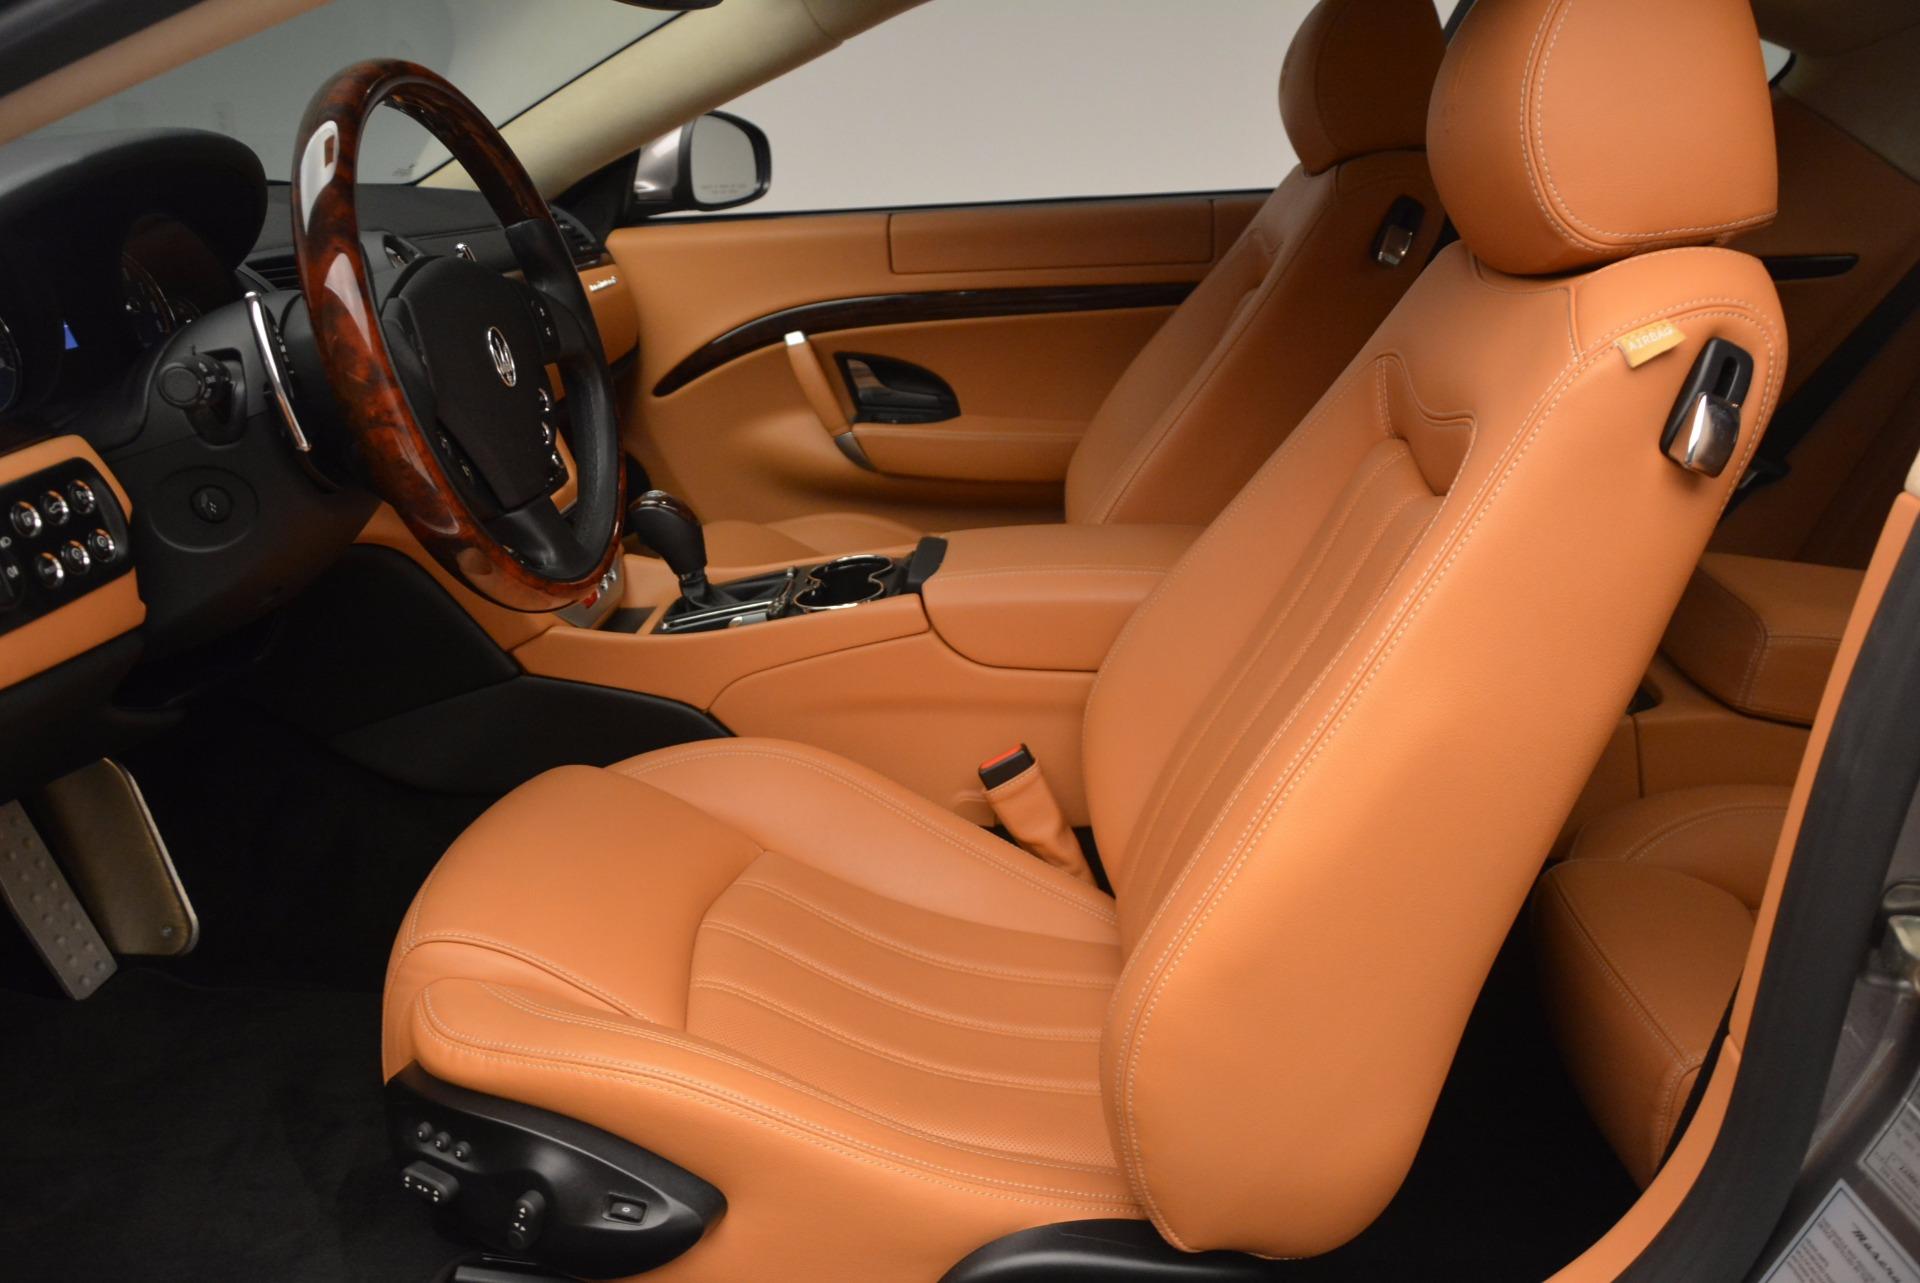 Used 2009 Maserati GranTurismo S For Sale In Westport, CT 1063_p14